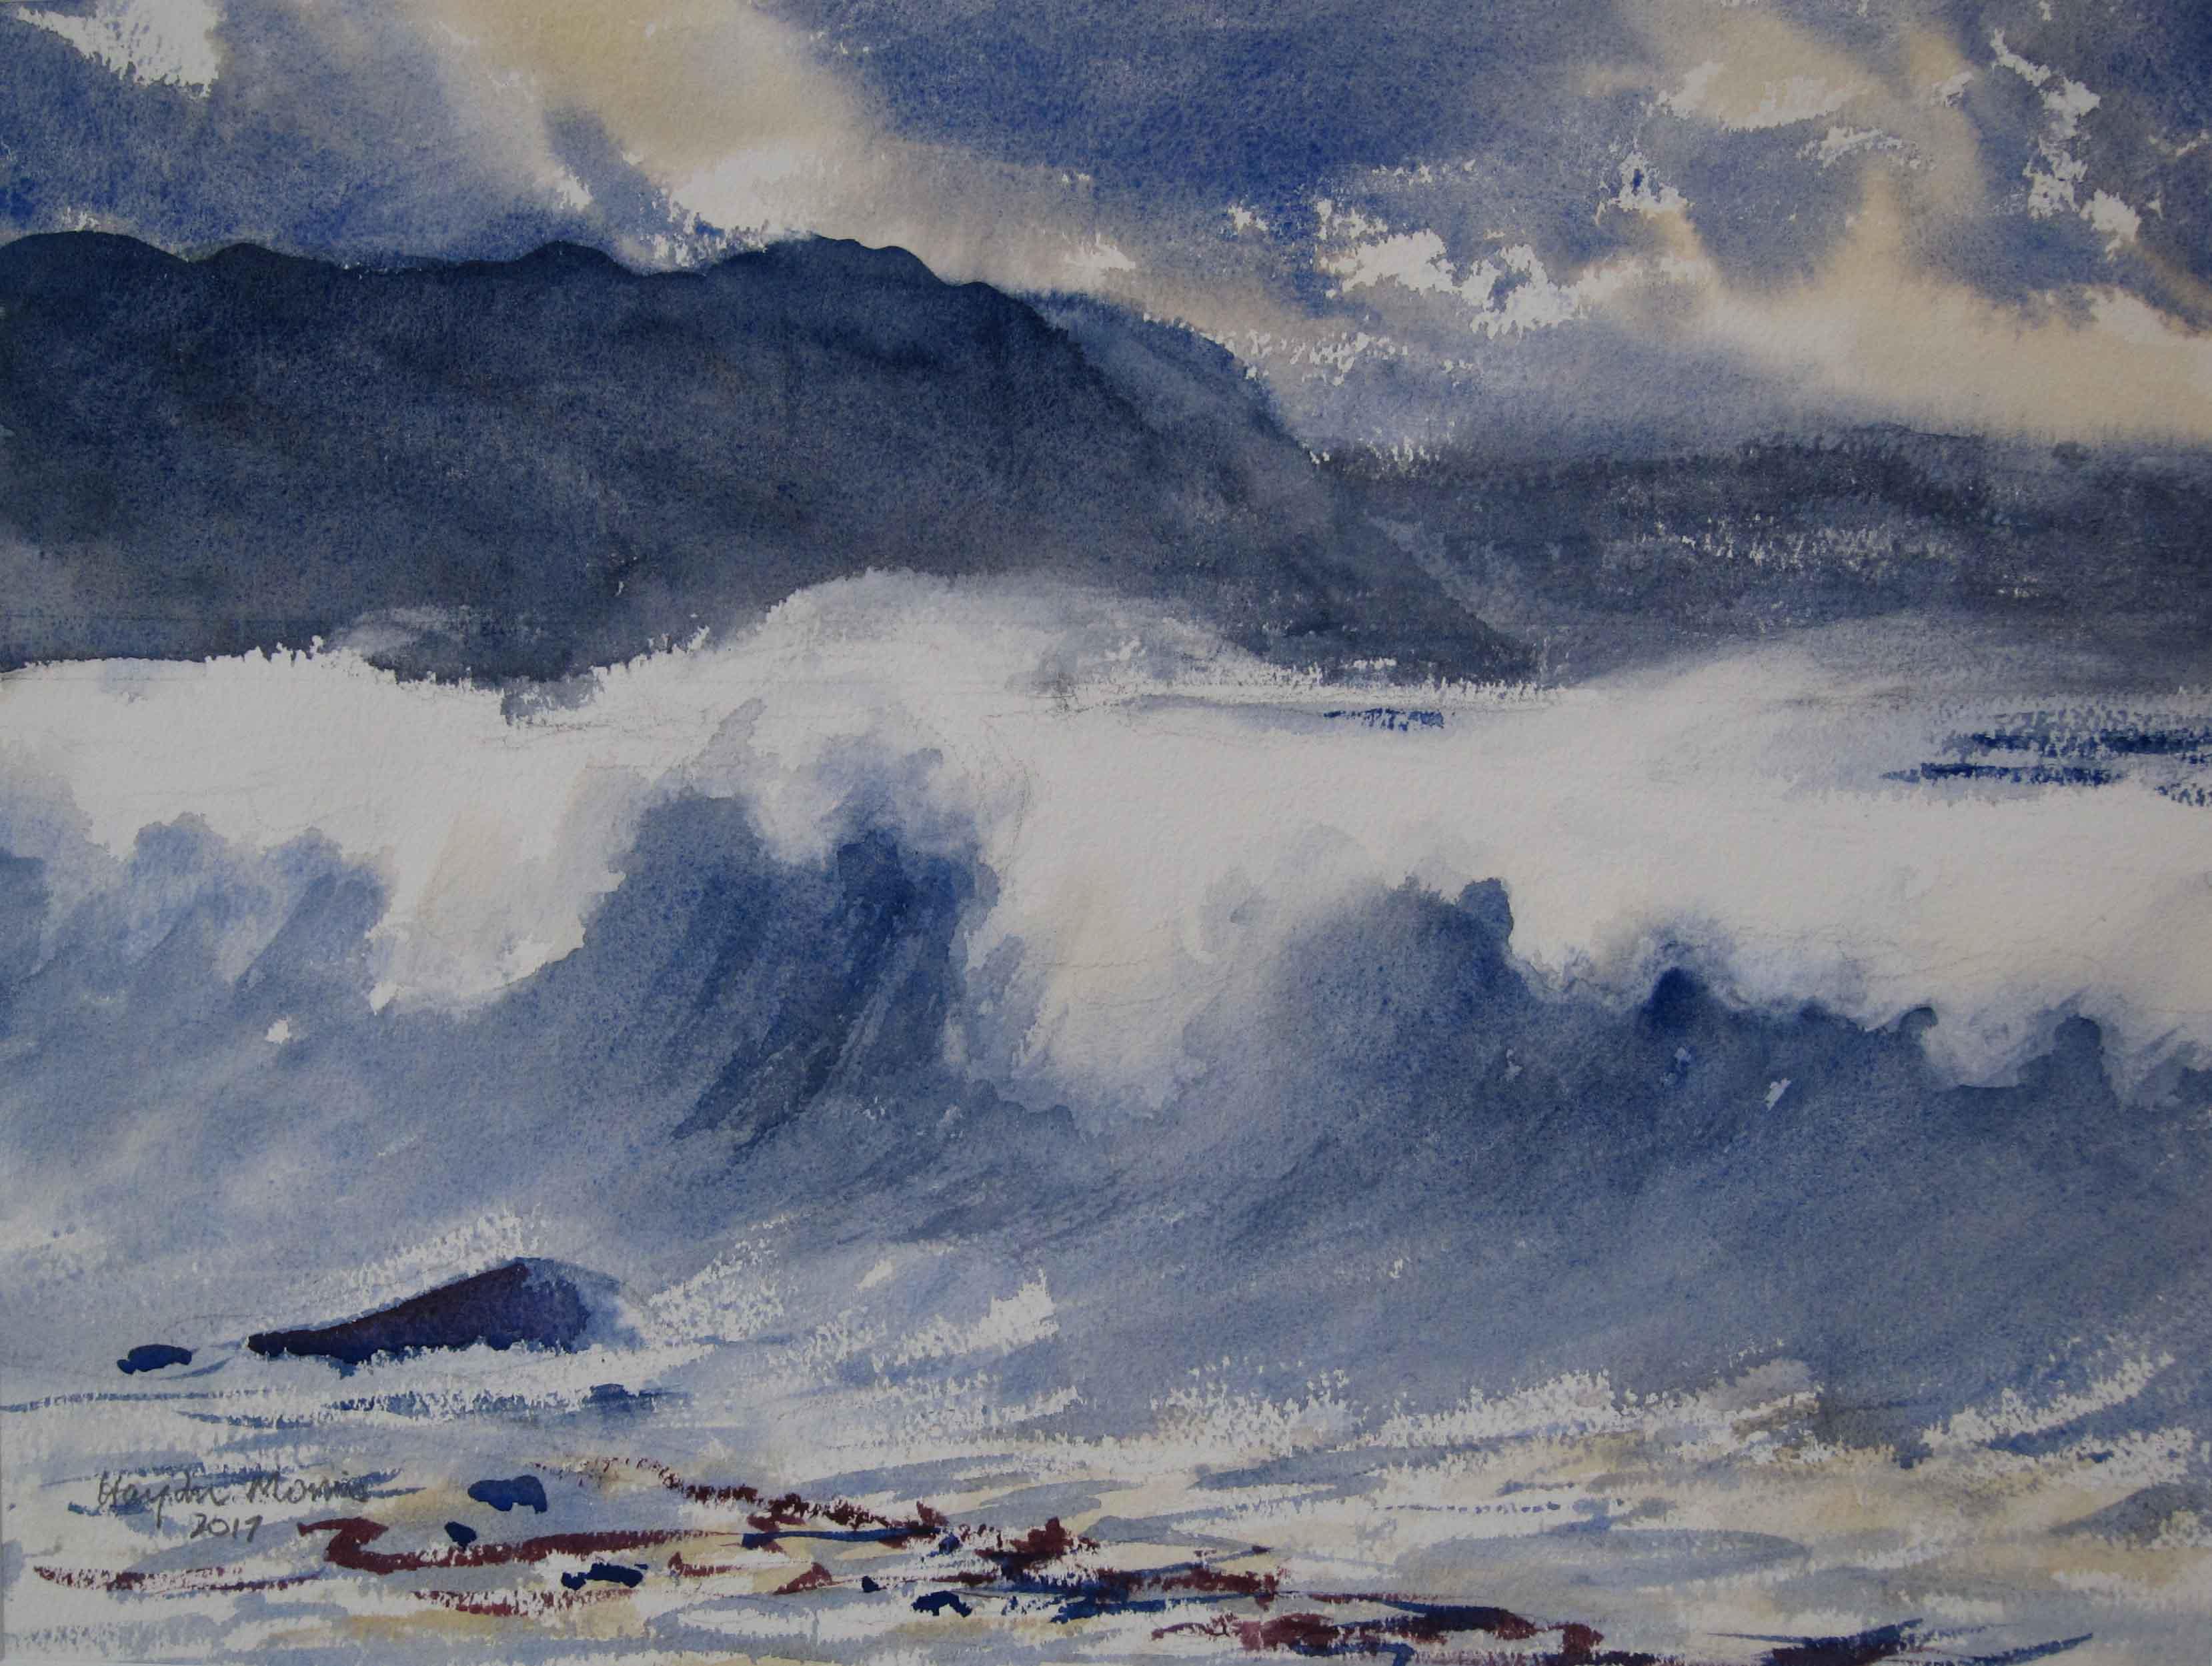 Storm 2, Iona